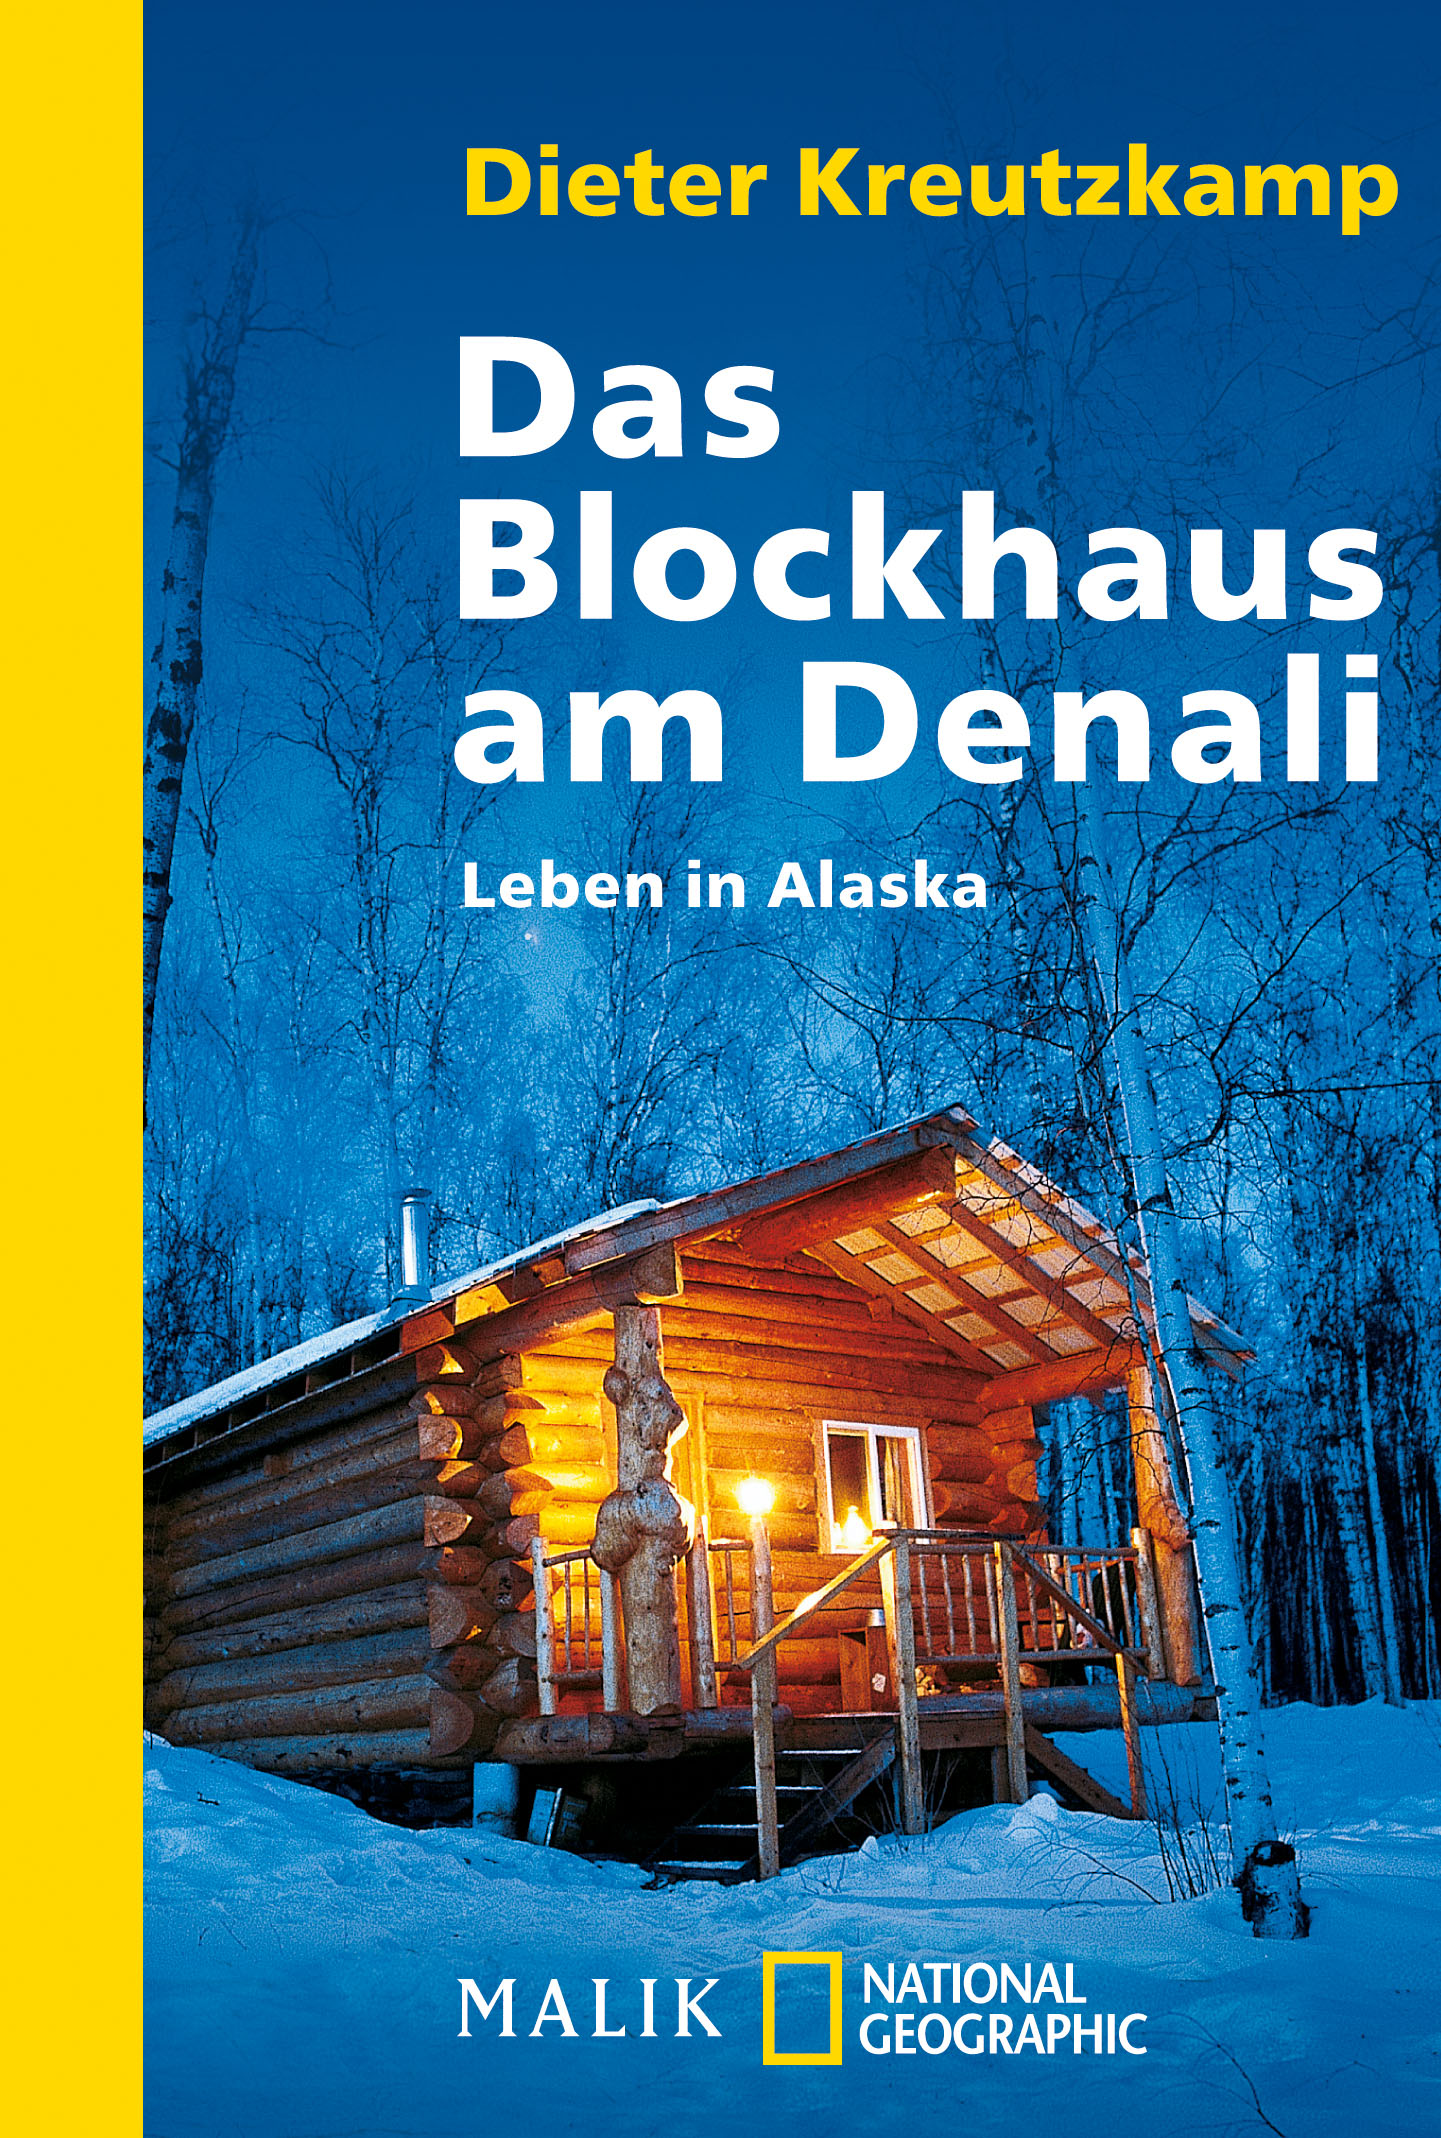 Das Blockhaus am Denali: Leben in Alaska - Dieter Kreutzkamp